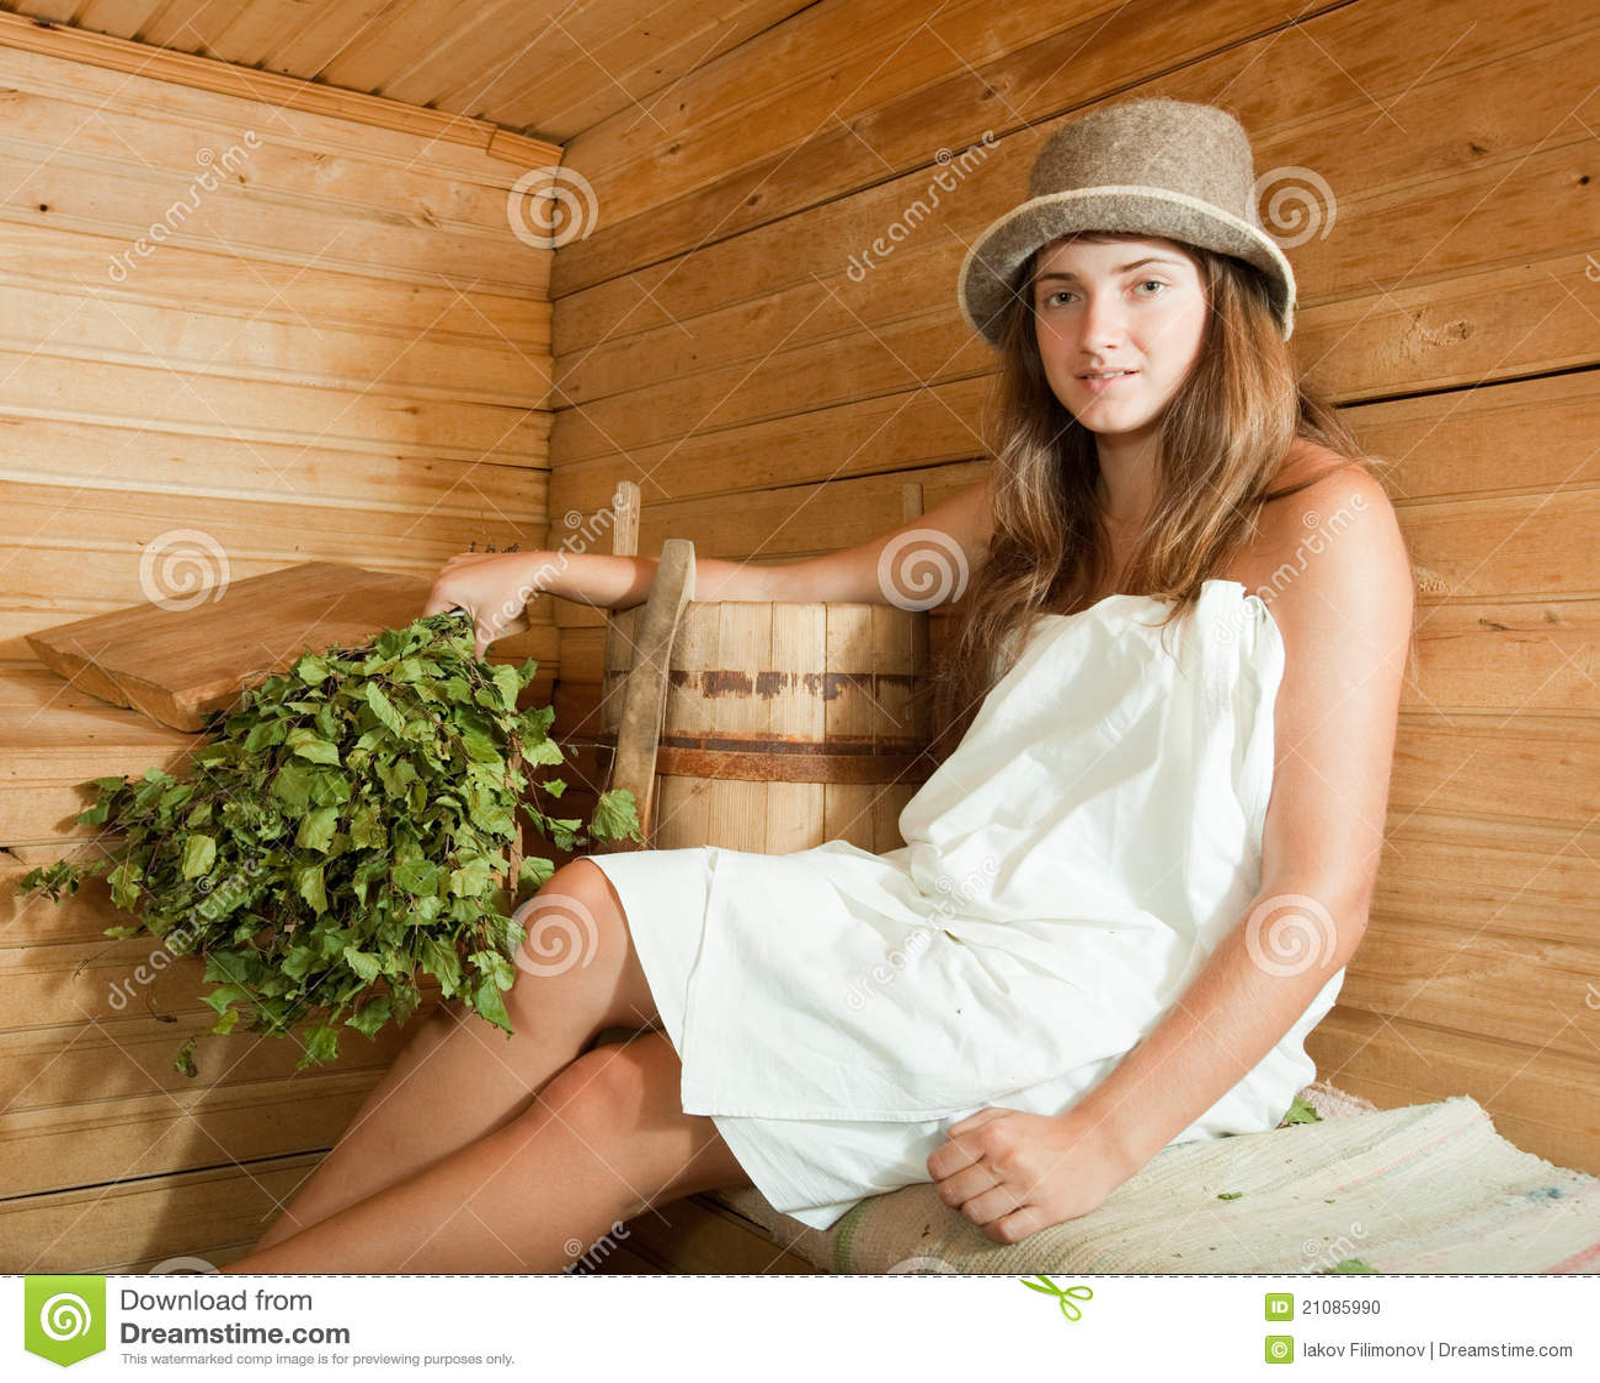 Яндекс девушки в сауне 16 фотография